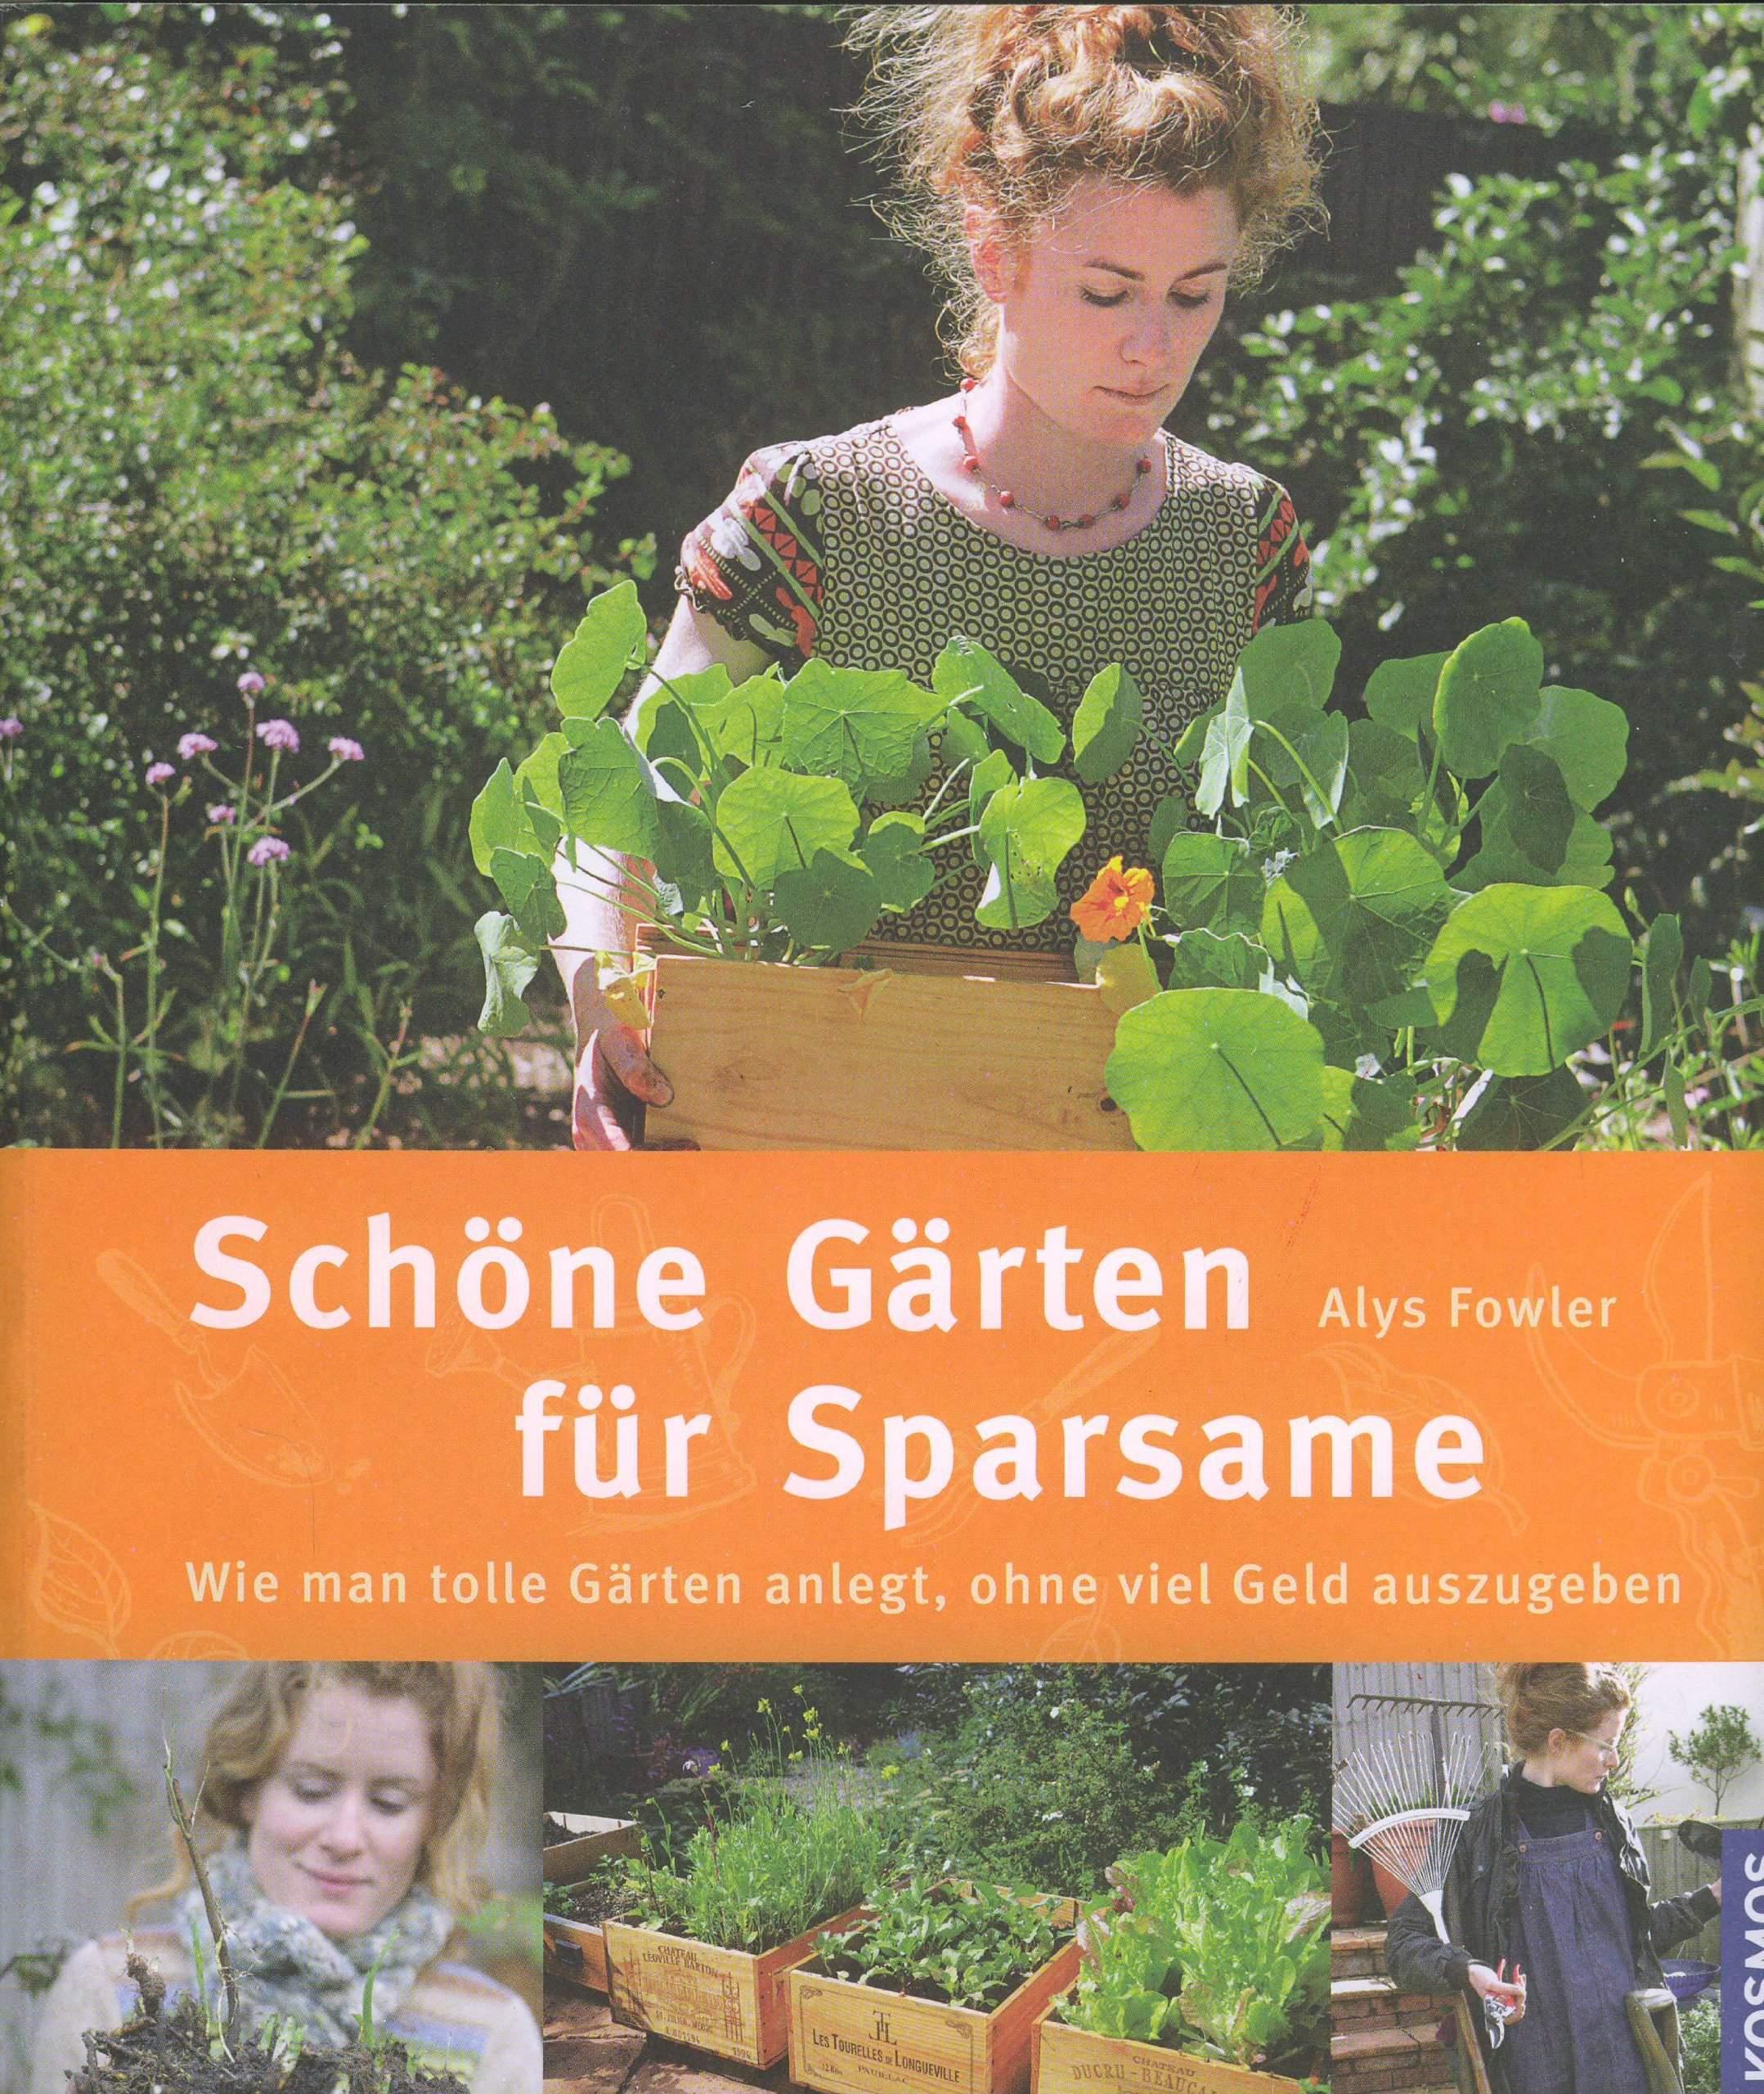 Schöne Gärten Schön Schöne Gärten Für Sparsame Amazon Alys Fowler Bücher